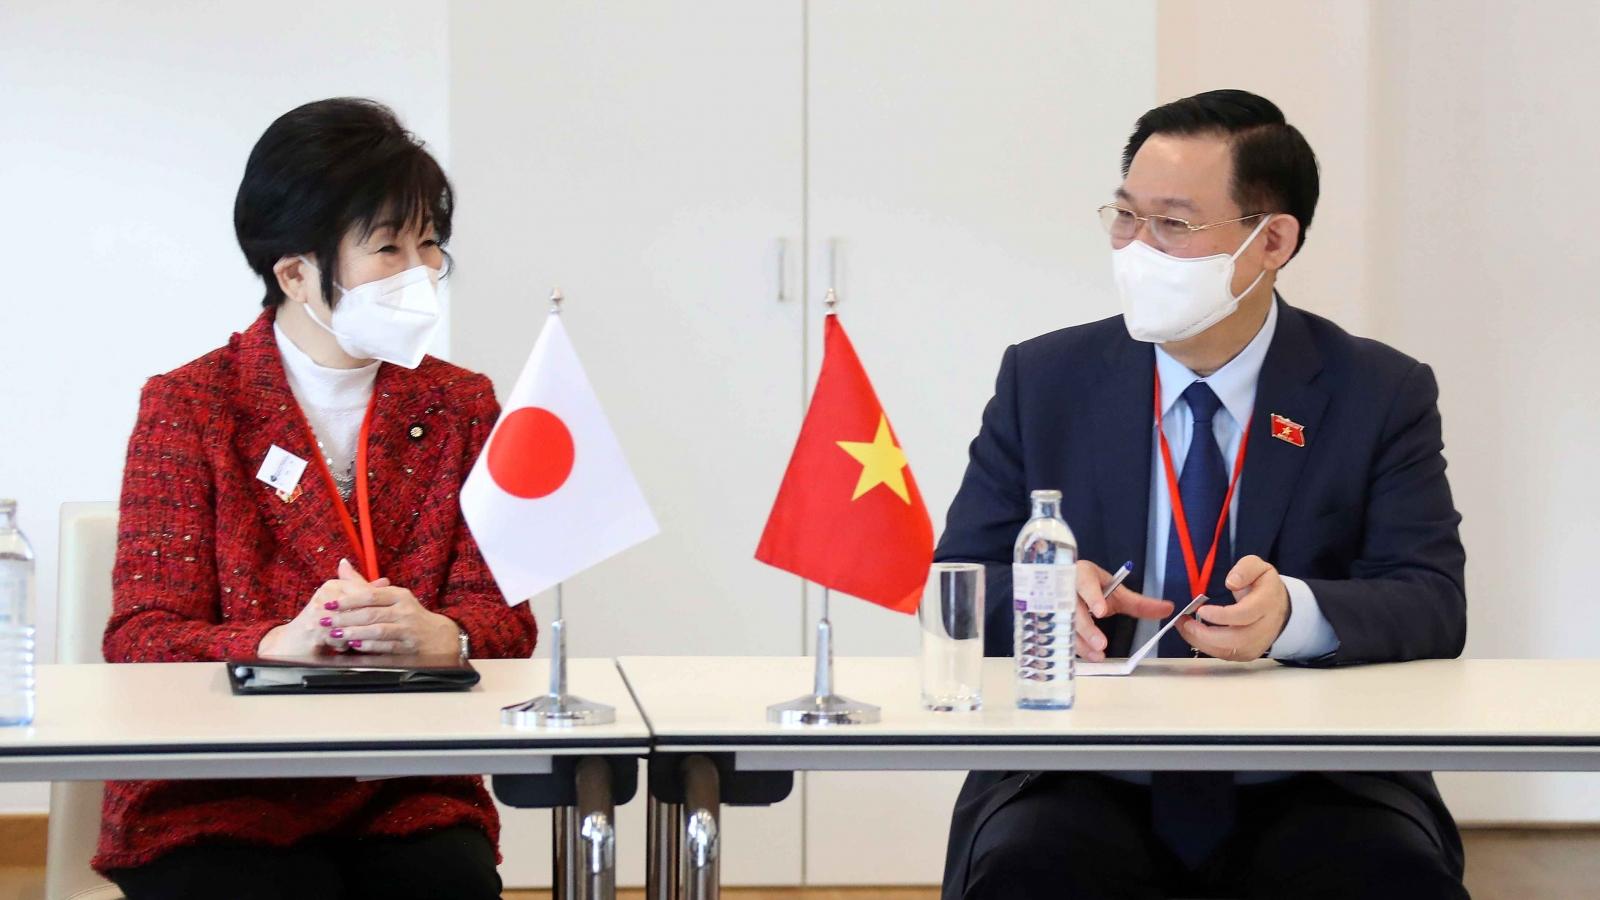 Chủ tịch Quốc hội Vương Đình Huệ hội kiến Chủ tịch Thượng viện Nhật Bản